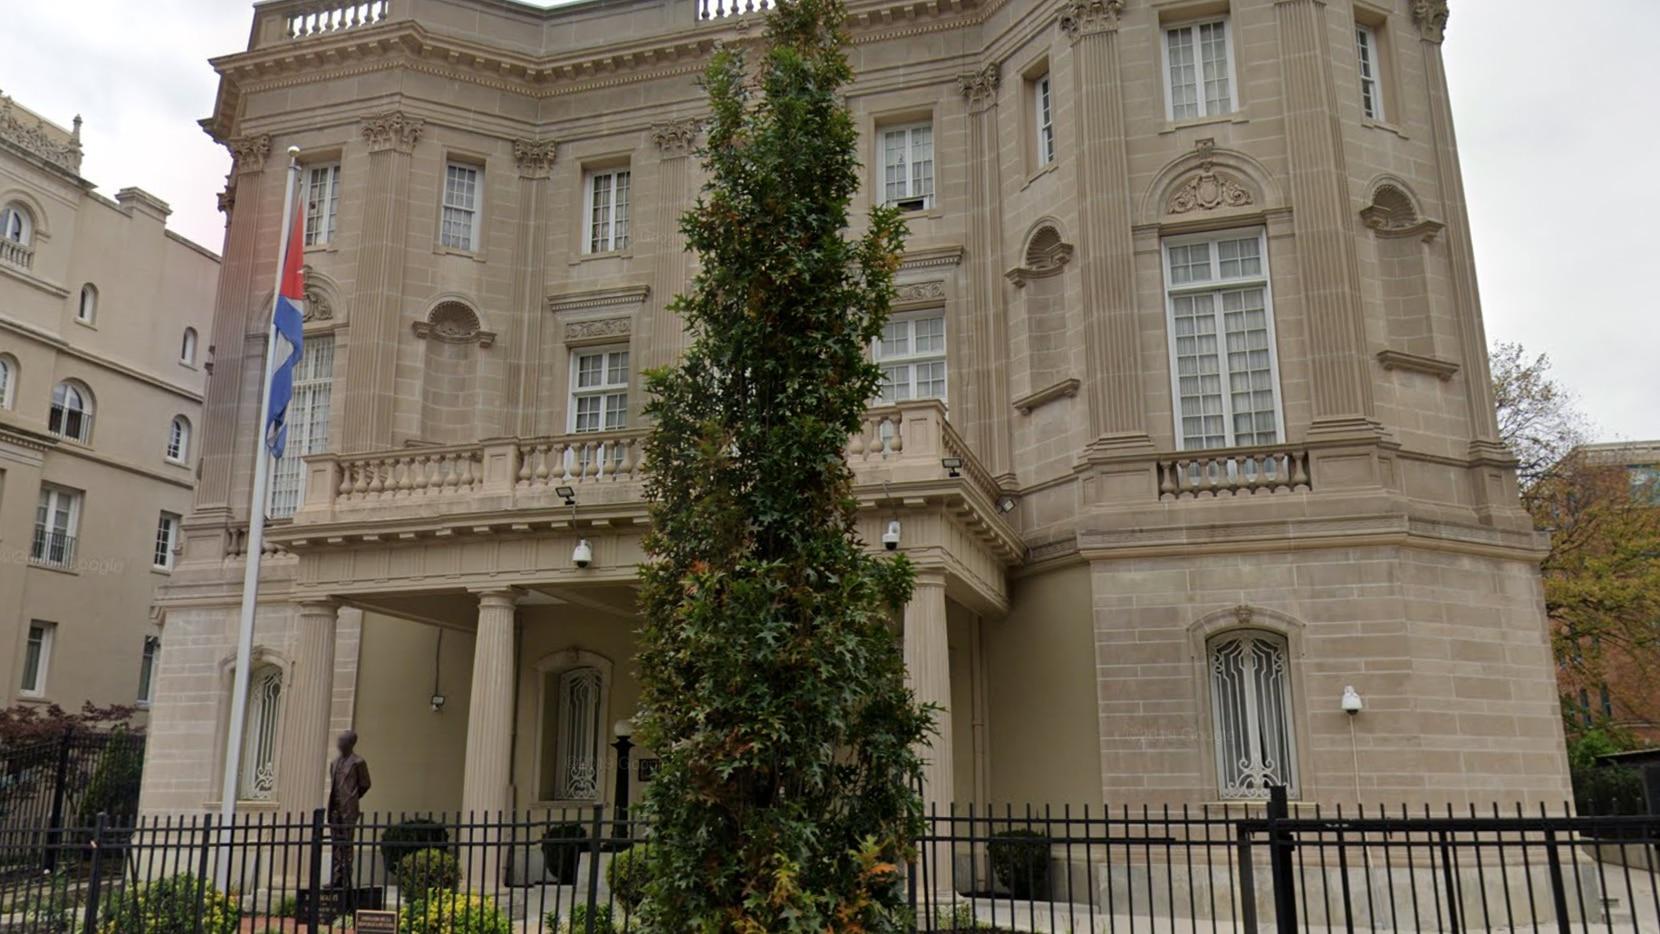 Fachada de la embajada de Cuba en Washington D.C.